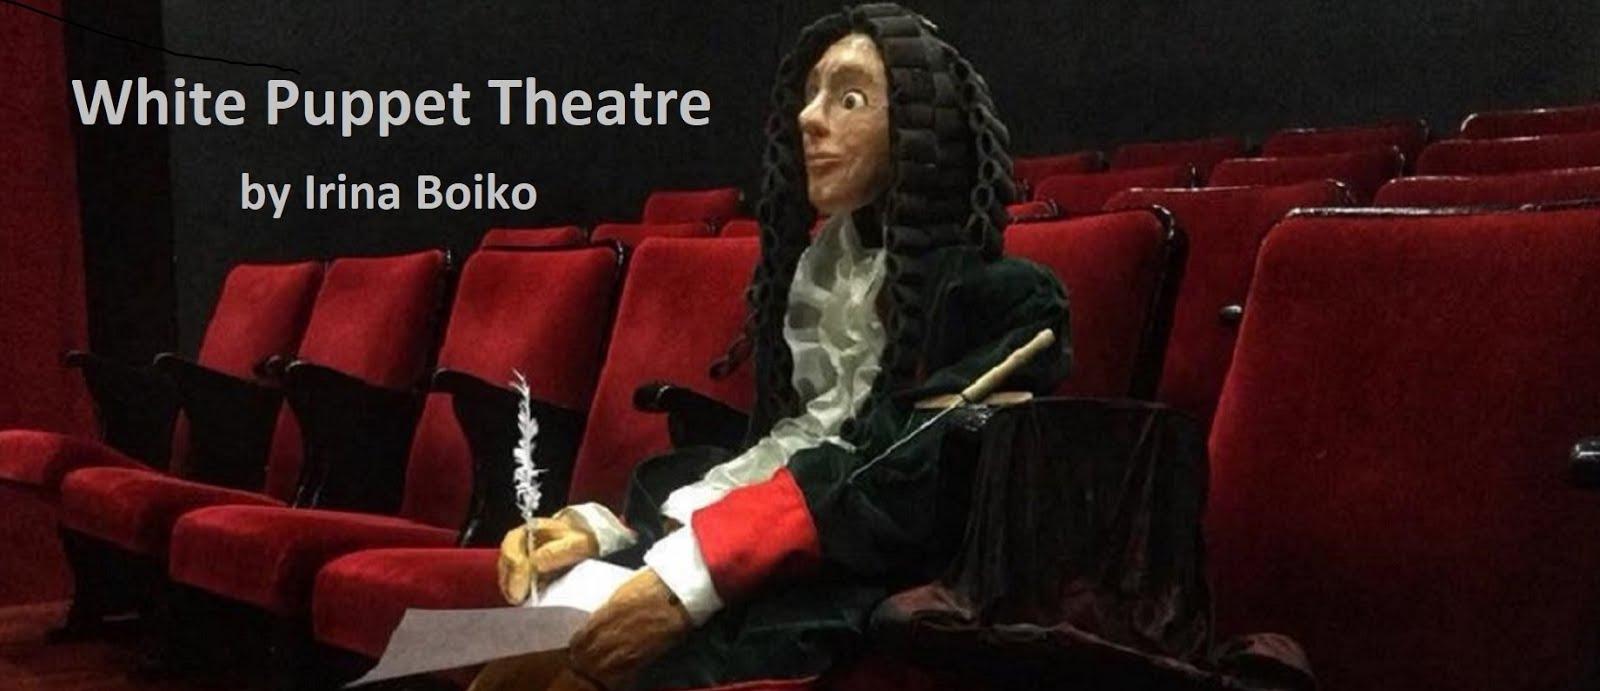 """Θέατρο Κούκλας της Ιρίνα Μπόικο """"White Puppet Theatre"""""""